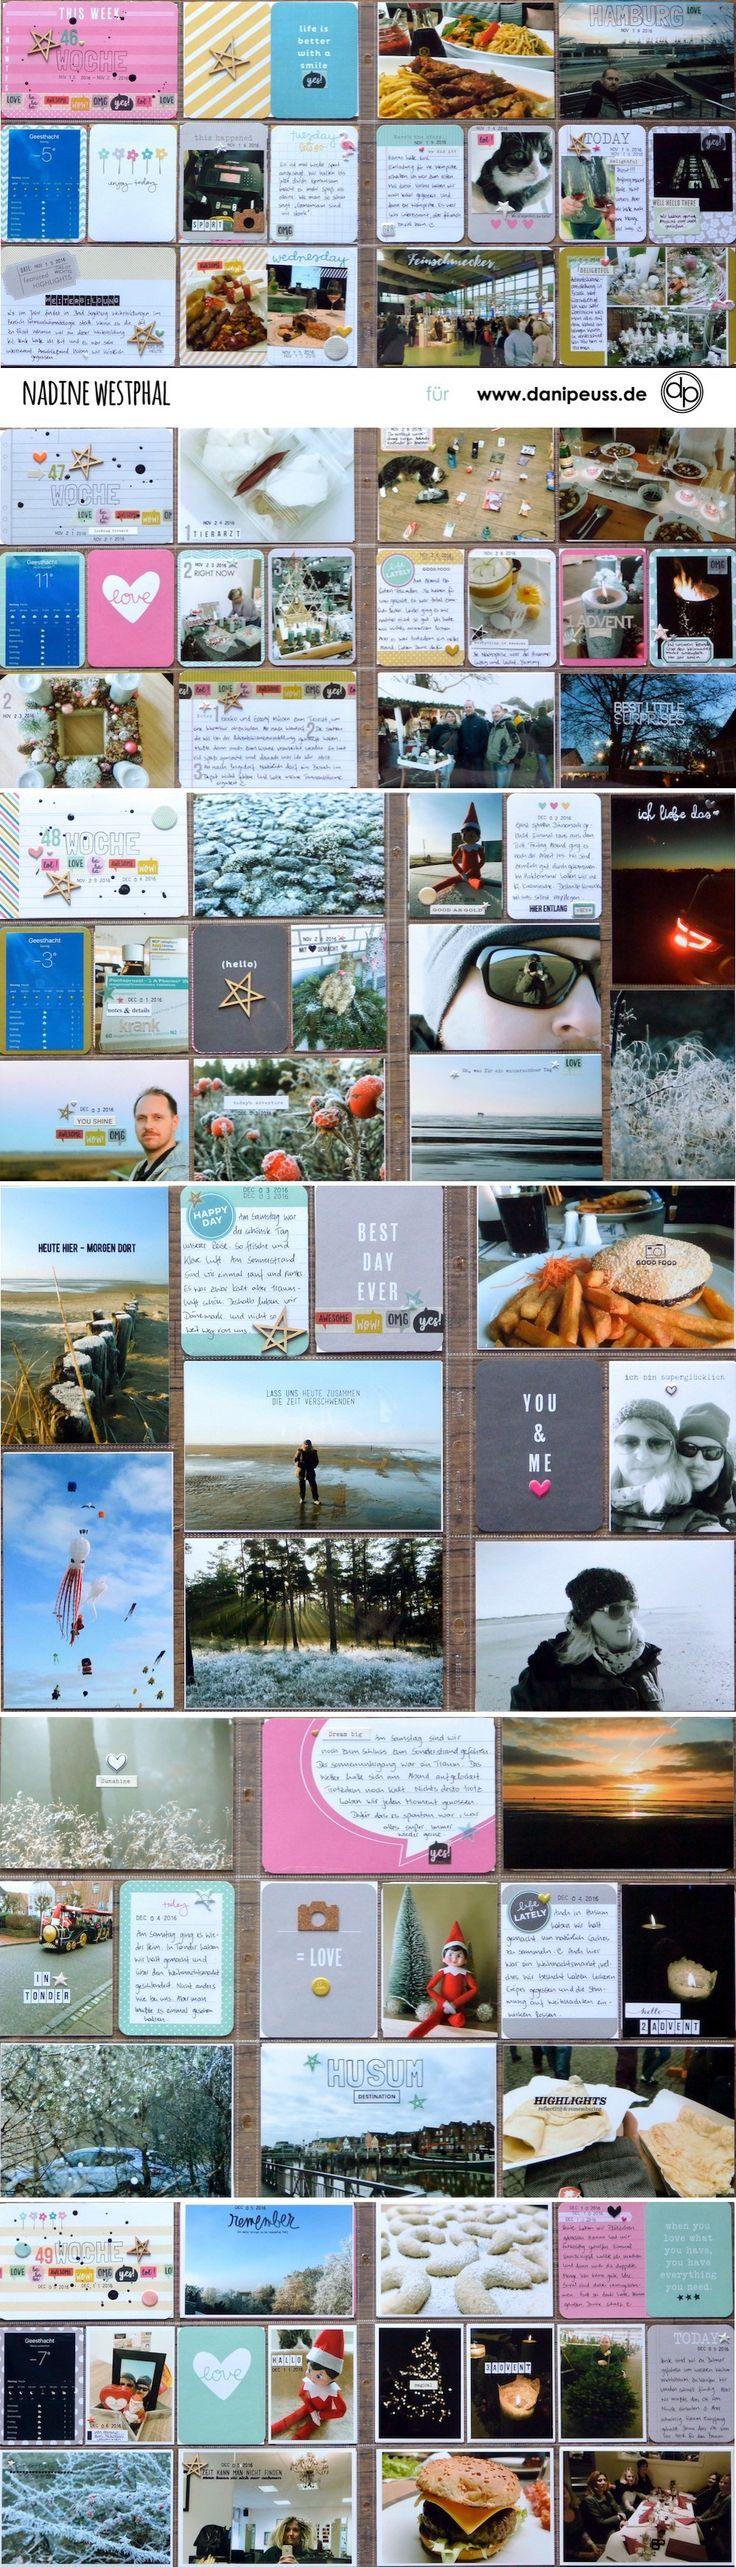 Project Life Doppelseiten mit dem Juni PL Kit | von Nadine Westphal für www.danipeuss.de